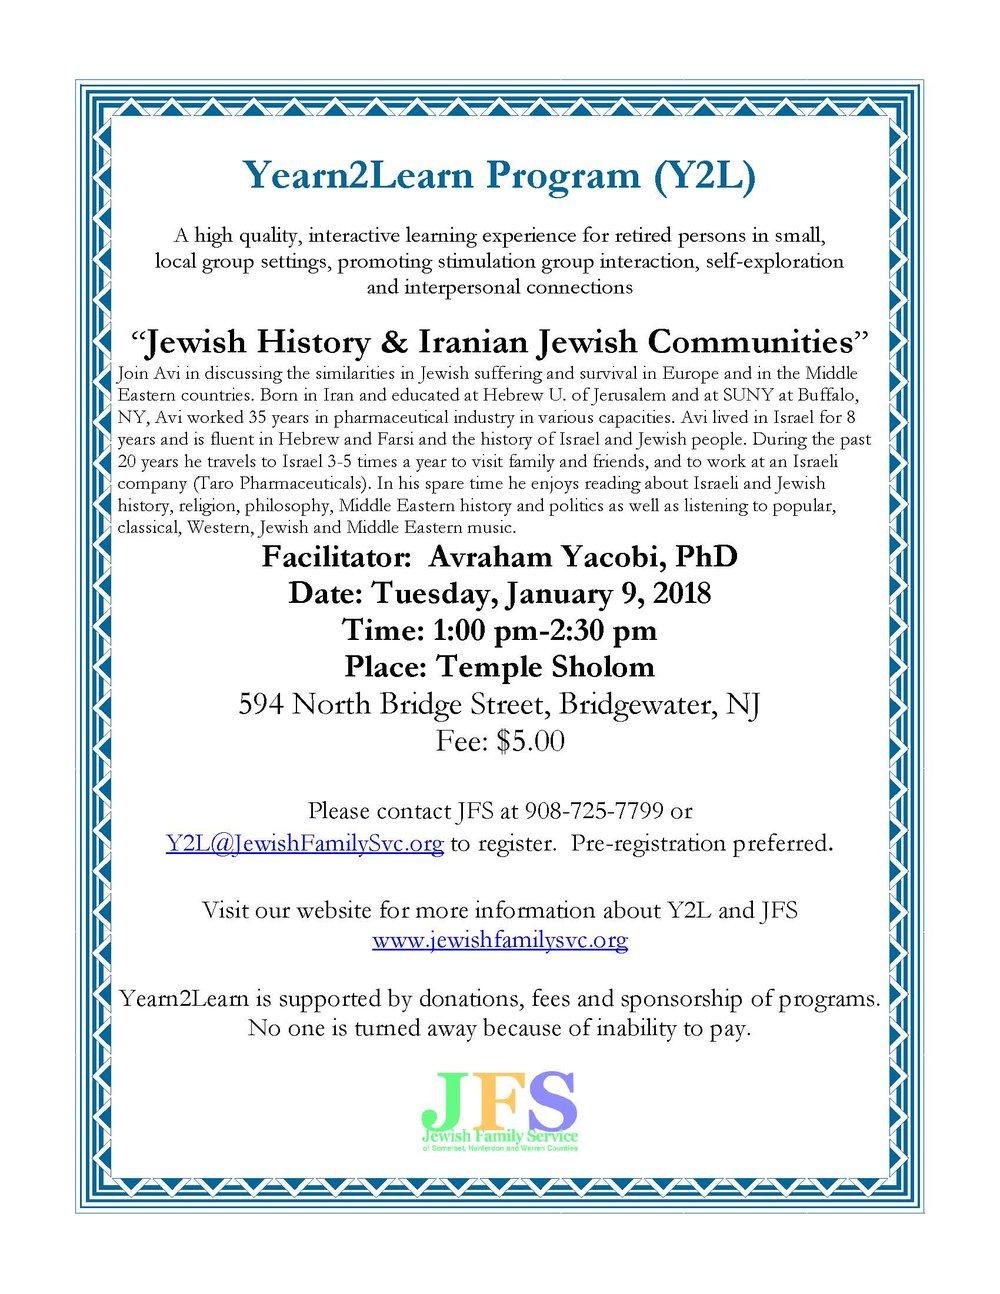 Y2L 1-9-18 - Jewish History & Iranian Jewish Communities.jpg